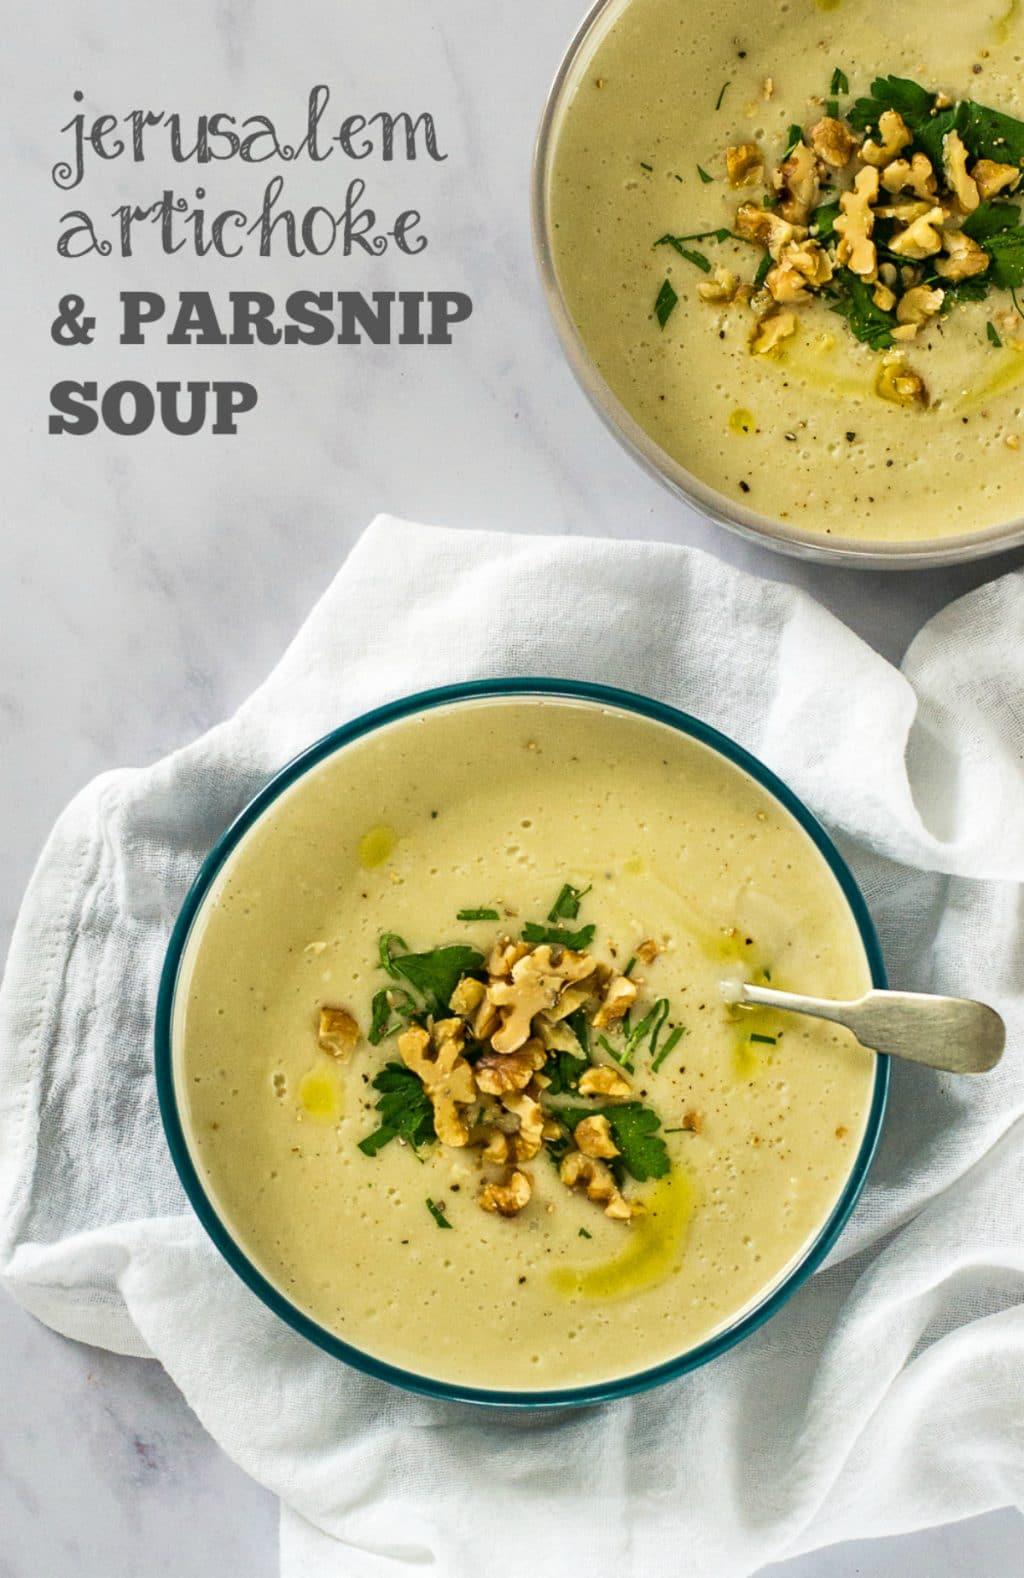 Roasted Jerusalem Artichoke & Parsnip Soup